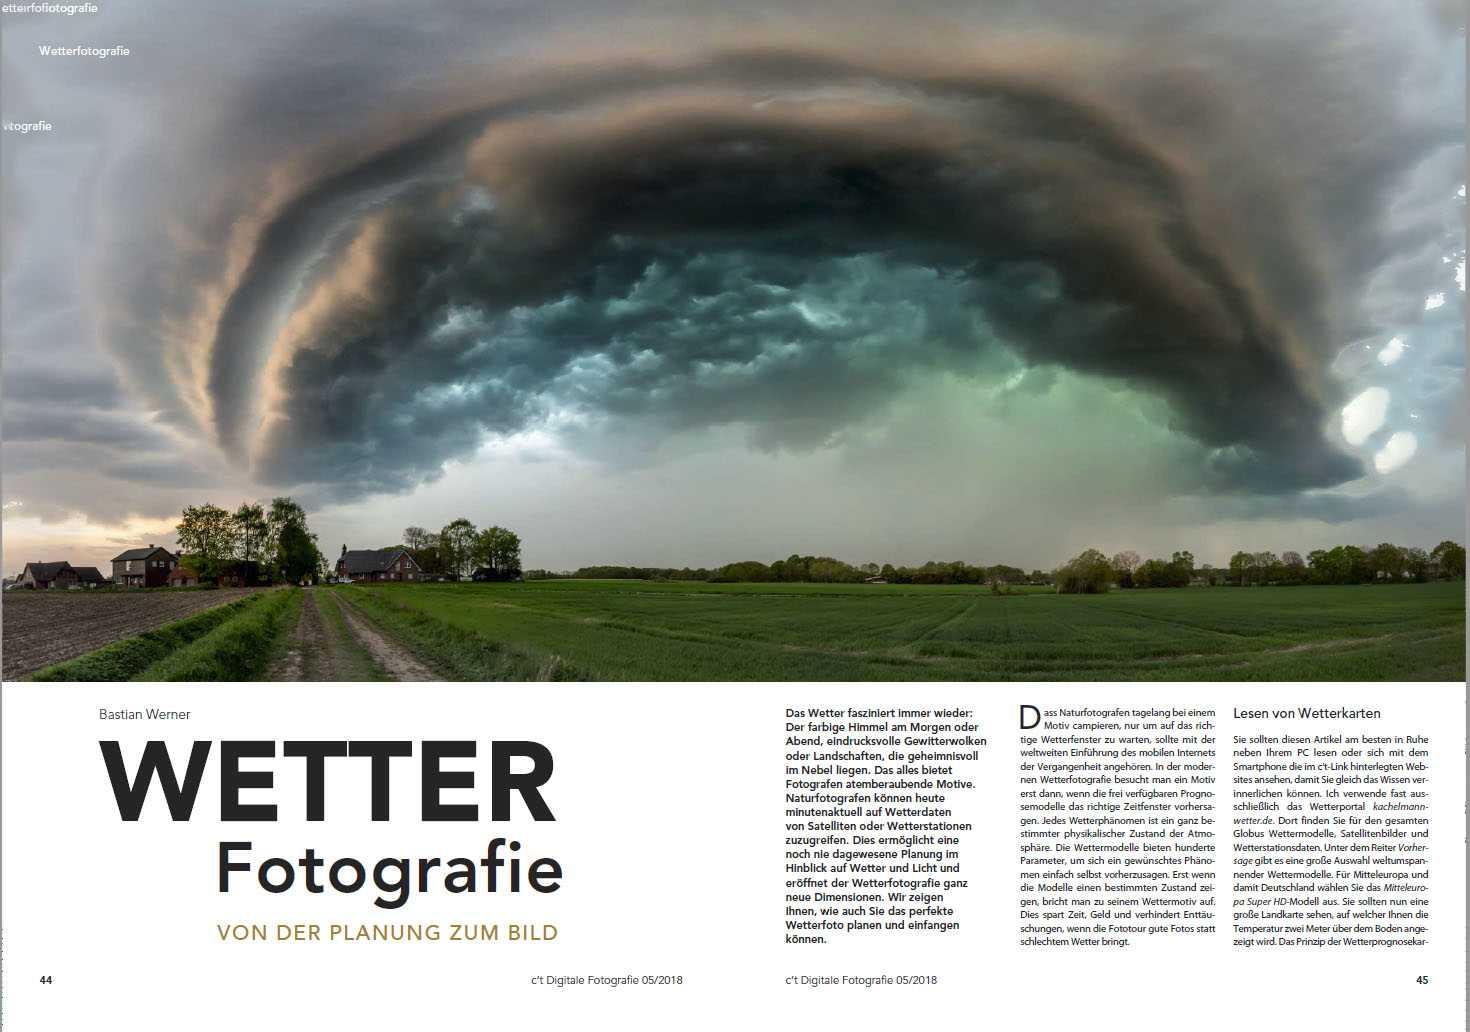 Das Wetter liefert eindrucksvolle Motive. Wir zeigen Ihnen wie Sie mit nützlichen Tools und Wetterkarten im Internet zum Stormchaser werden.